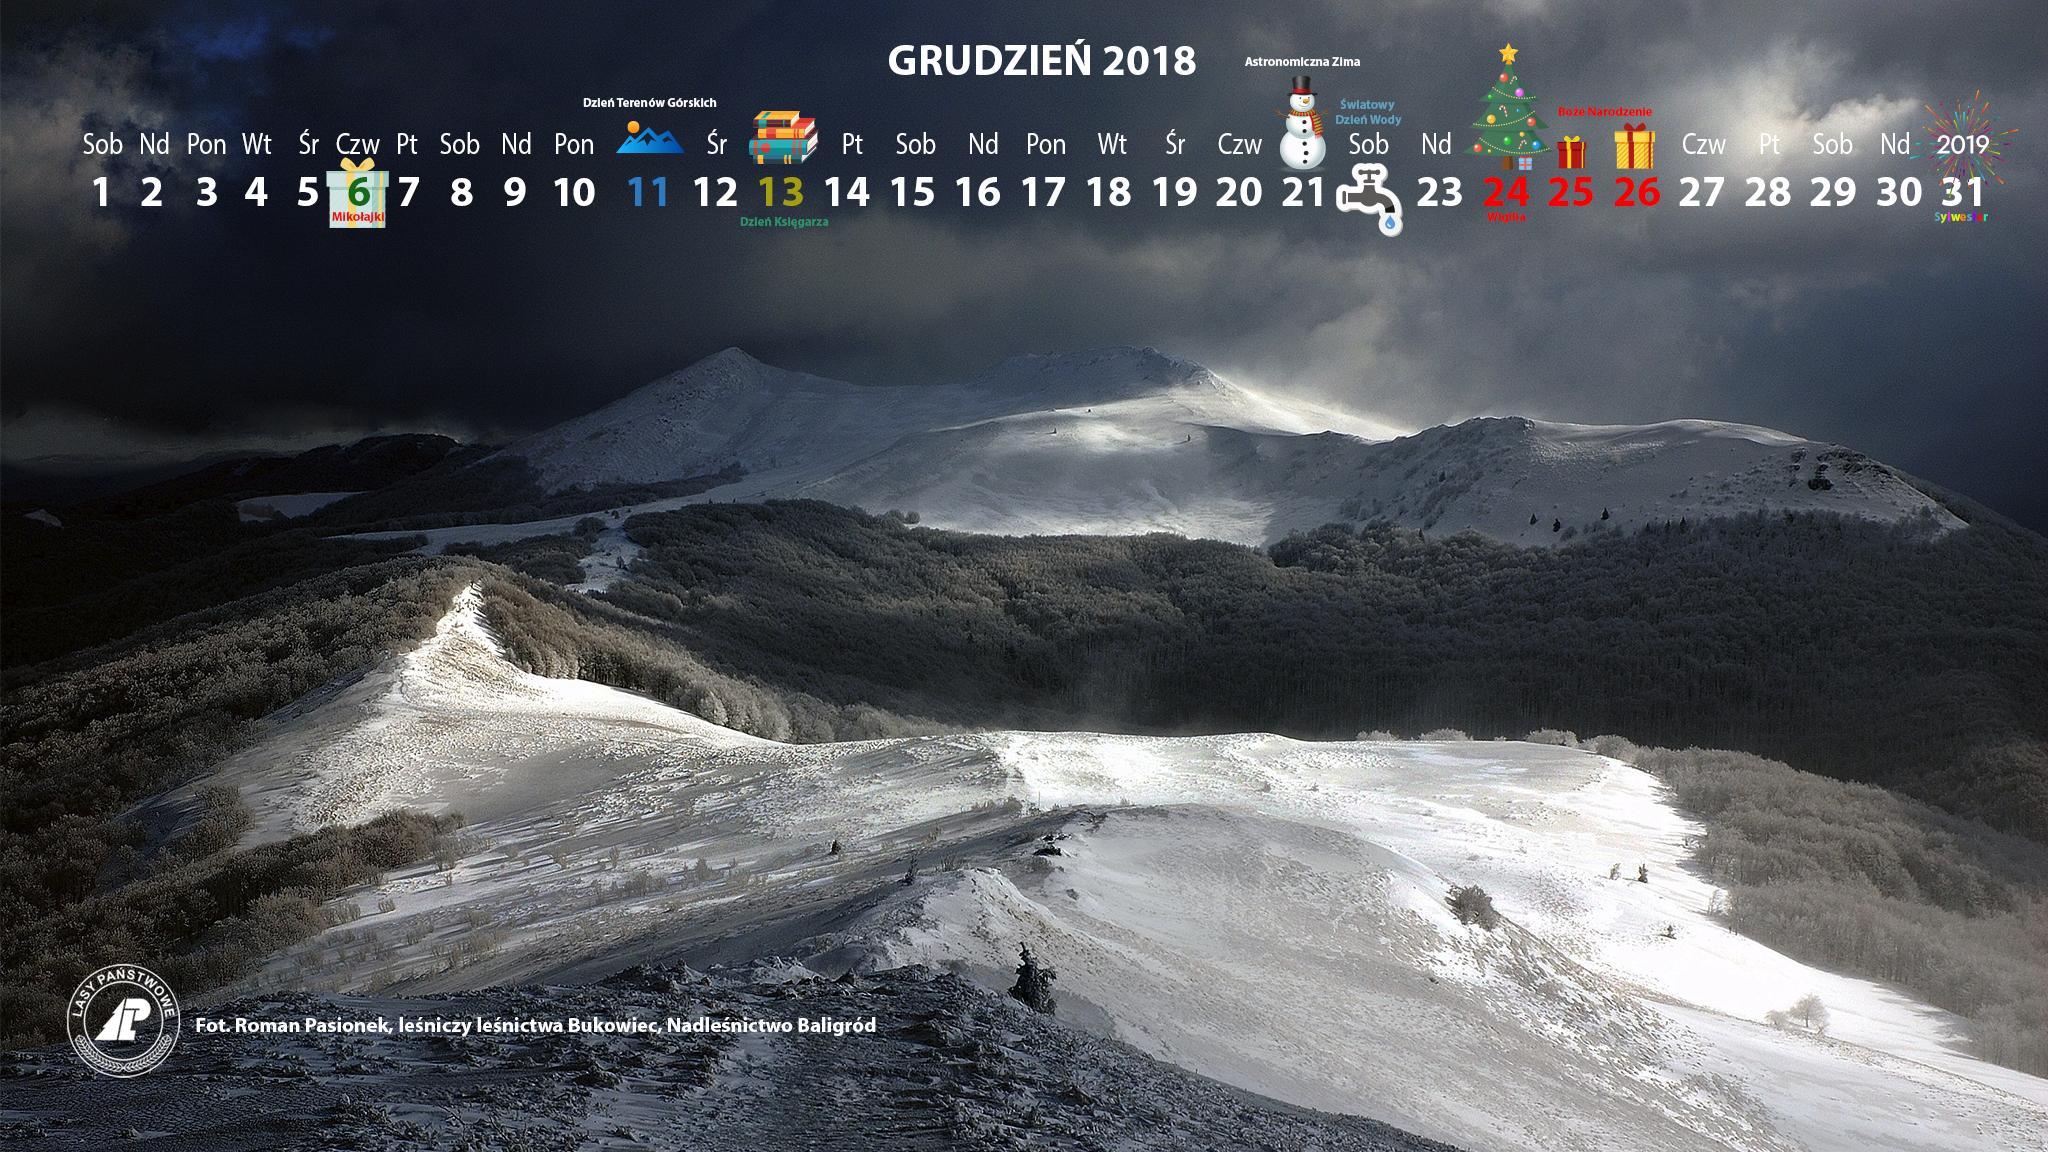 Kalendarz 12 2018 2048x1152.jpg